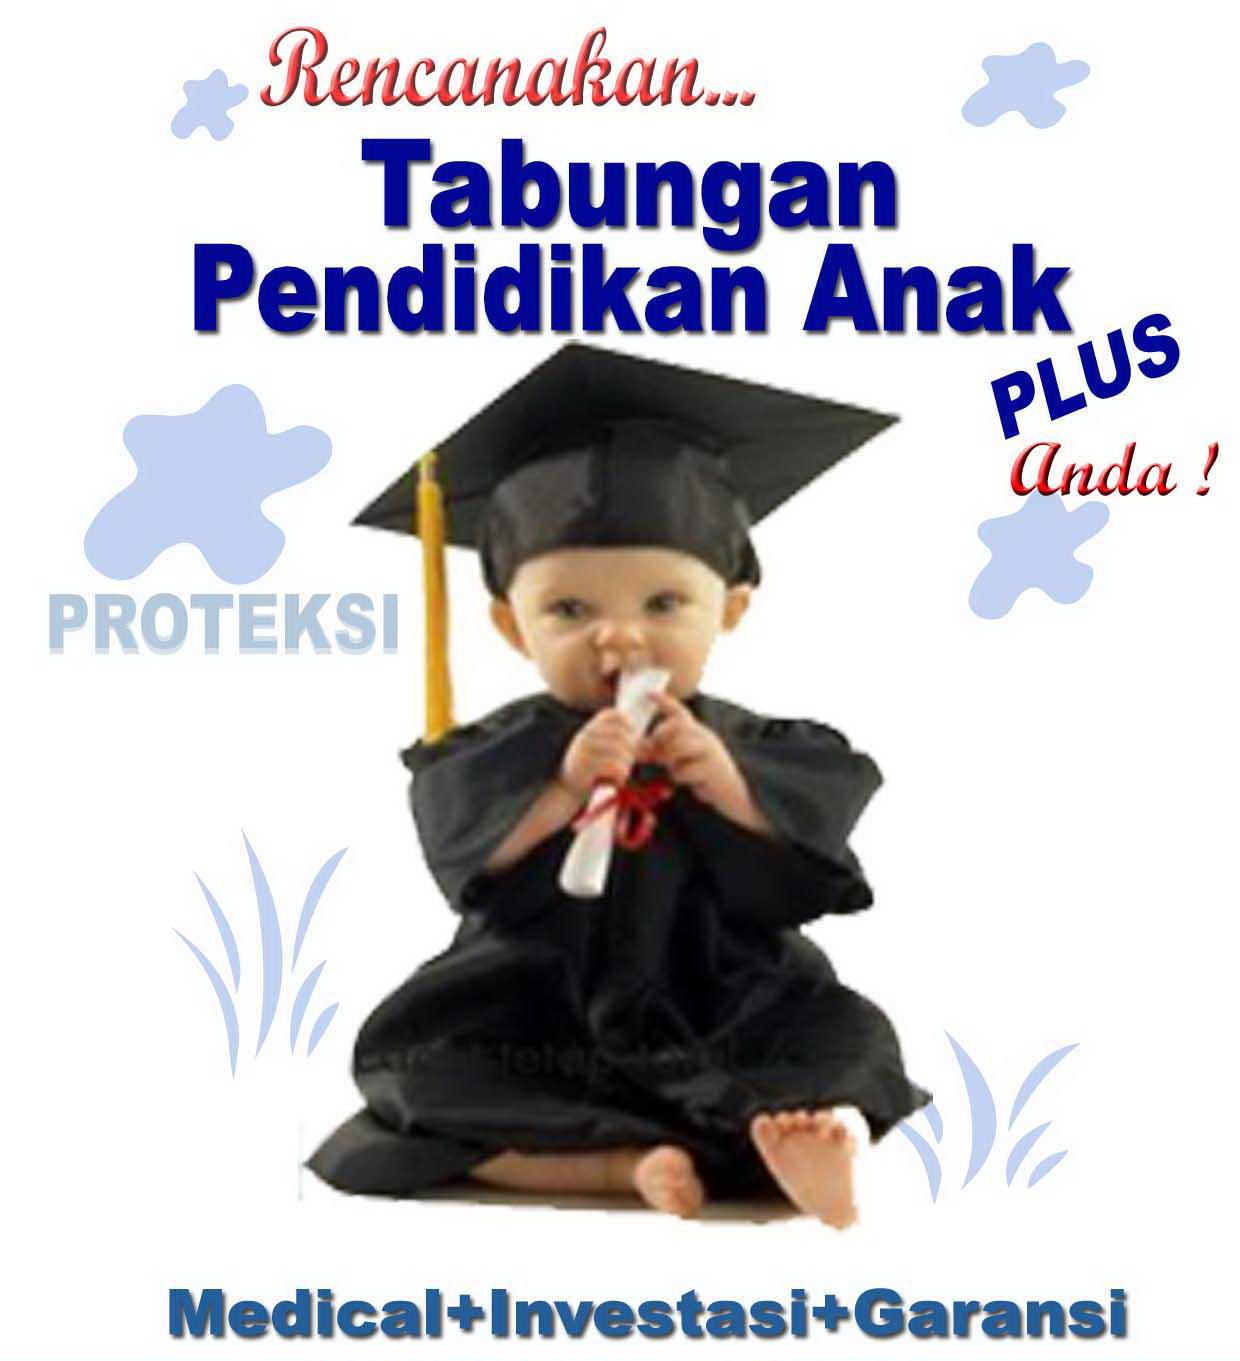 tabungan pendidikan